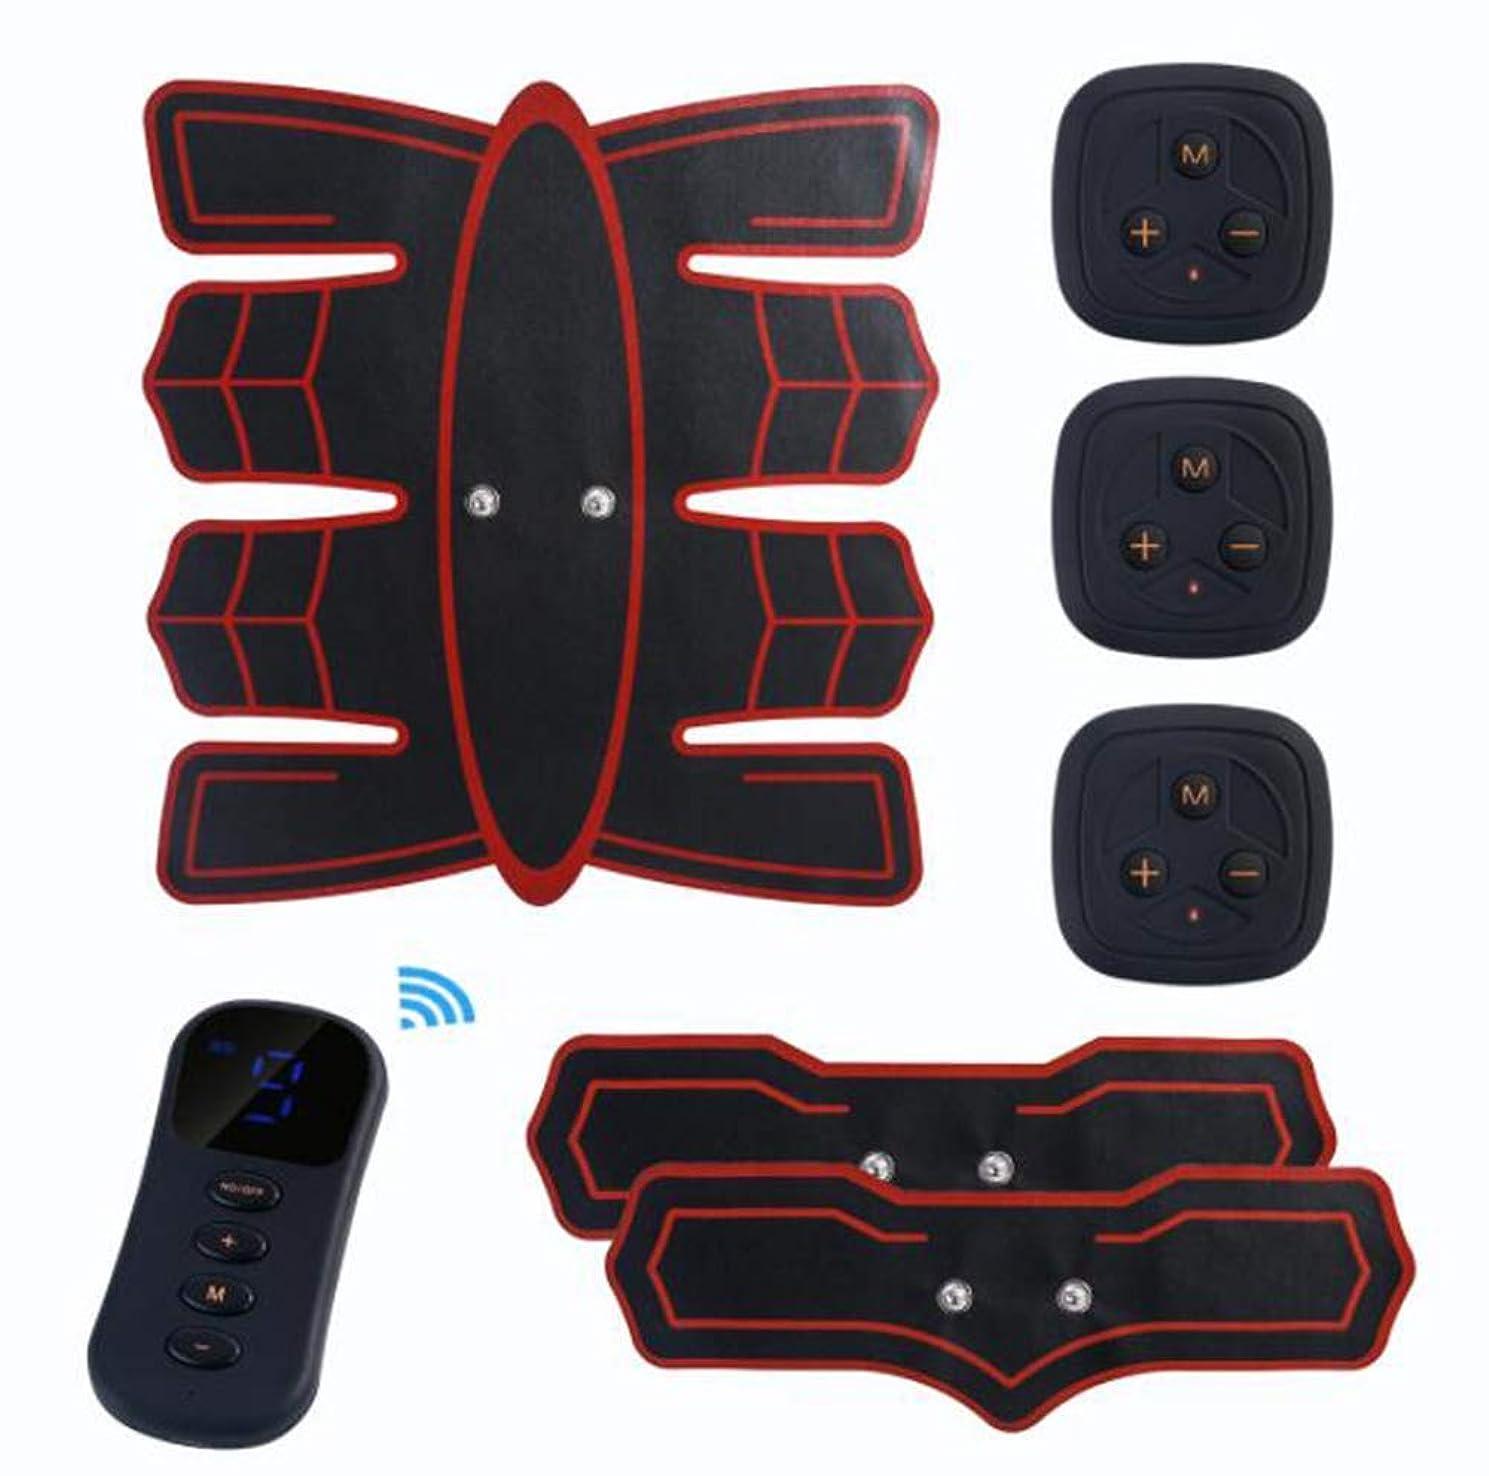 クライマックスインストールアクロバットGWM マッスルトレーナー腹部マッサージャー、腹部電気刺激装置EMS腹部トレーナー、ワイヤレス電子フィットネスマッサージャーセット腹部脚の男性と女性